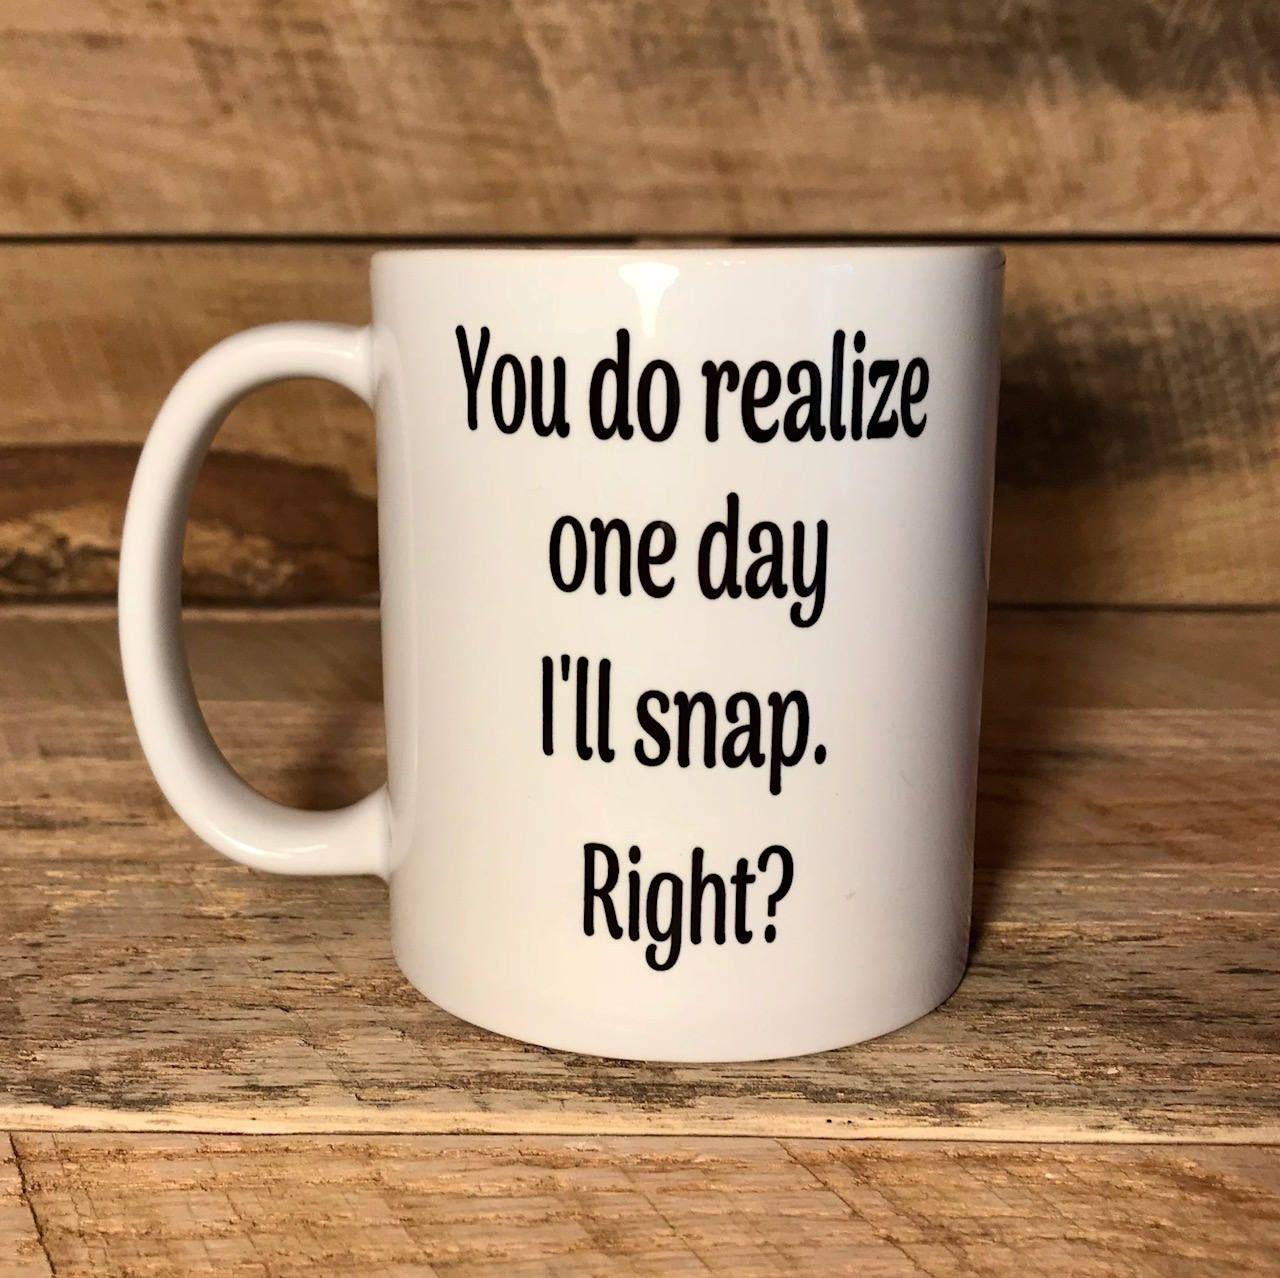 Funny Coffee Mug Mug With Sayings Mugs Coffee Mugs Home And Living Mug For Gift Gift For Mom Gift For Sister Co Worker Funny Coffee Mugs Coffee Humor Mugs